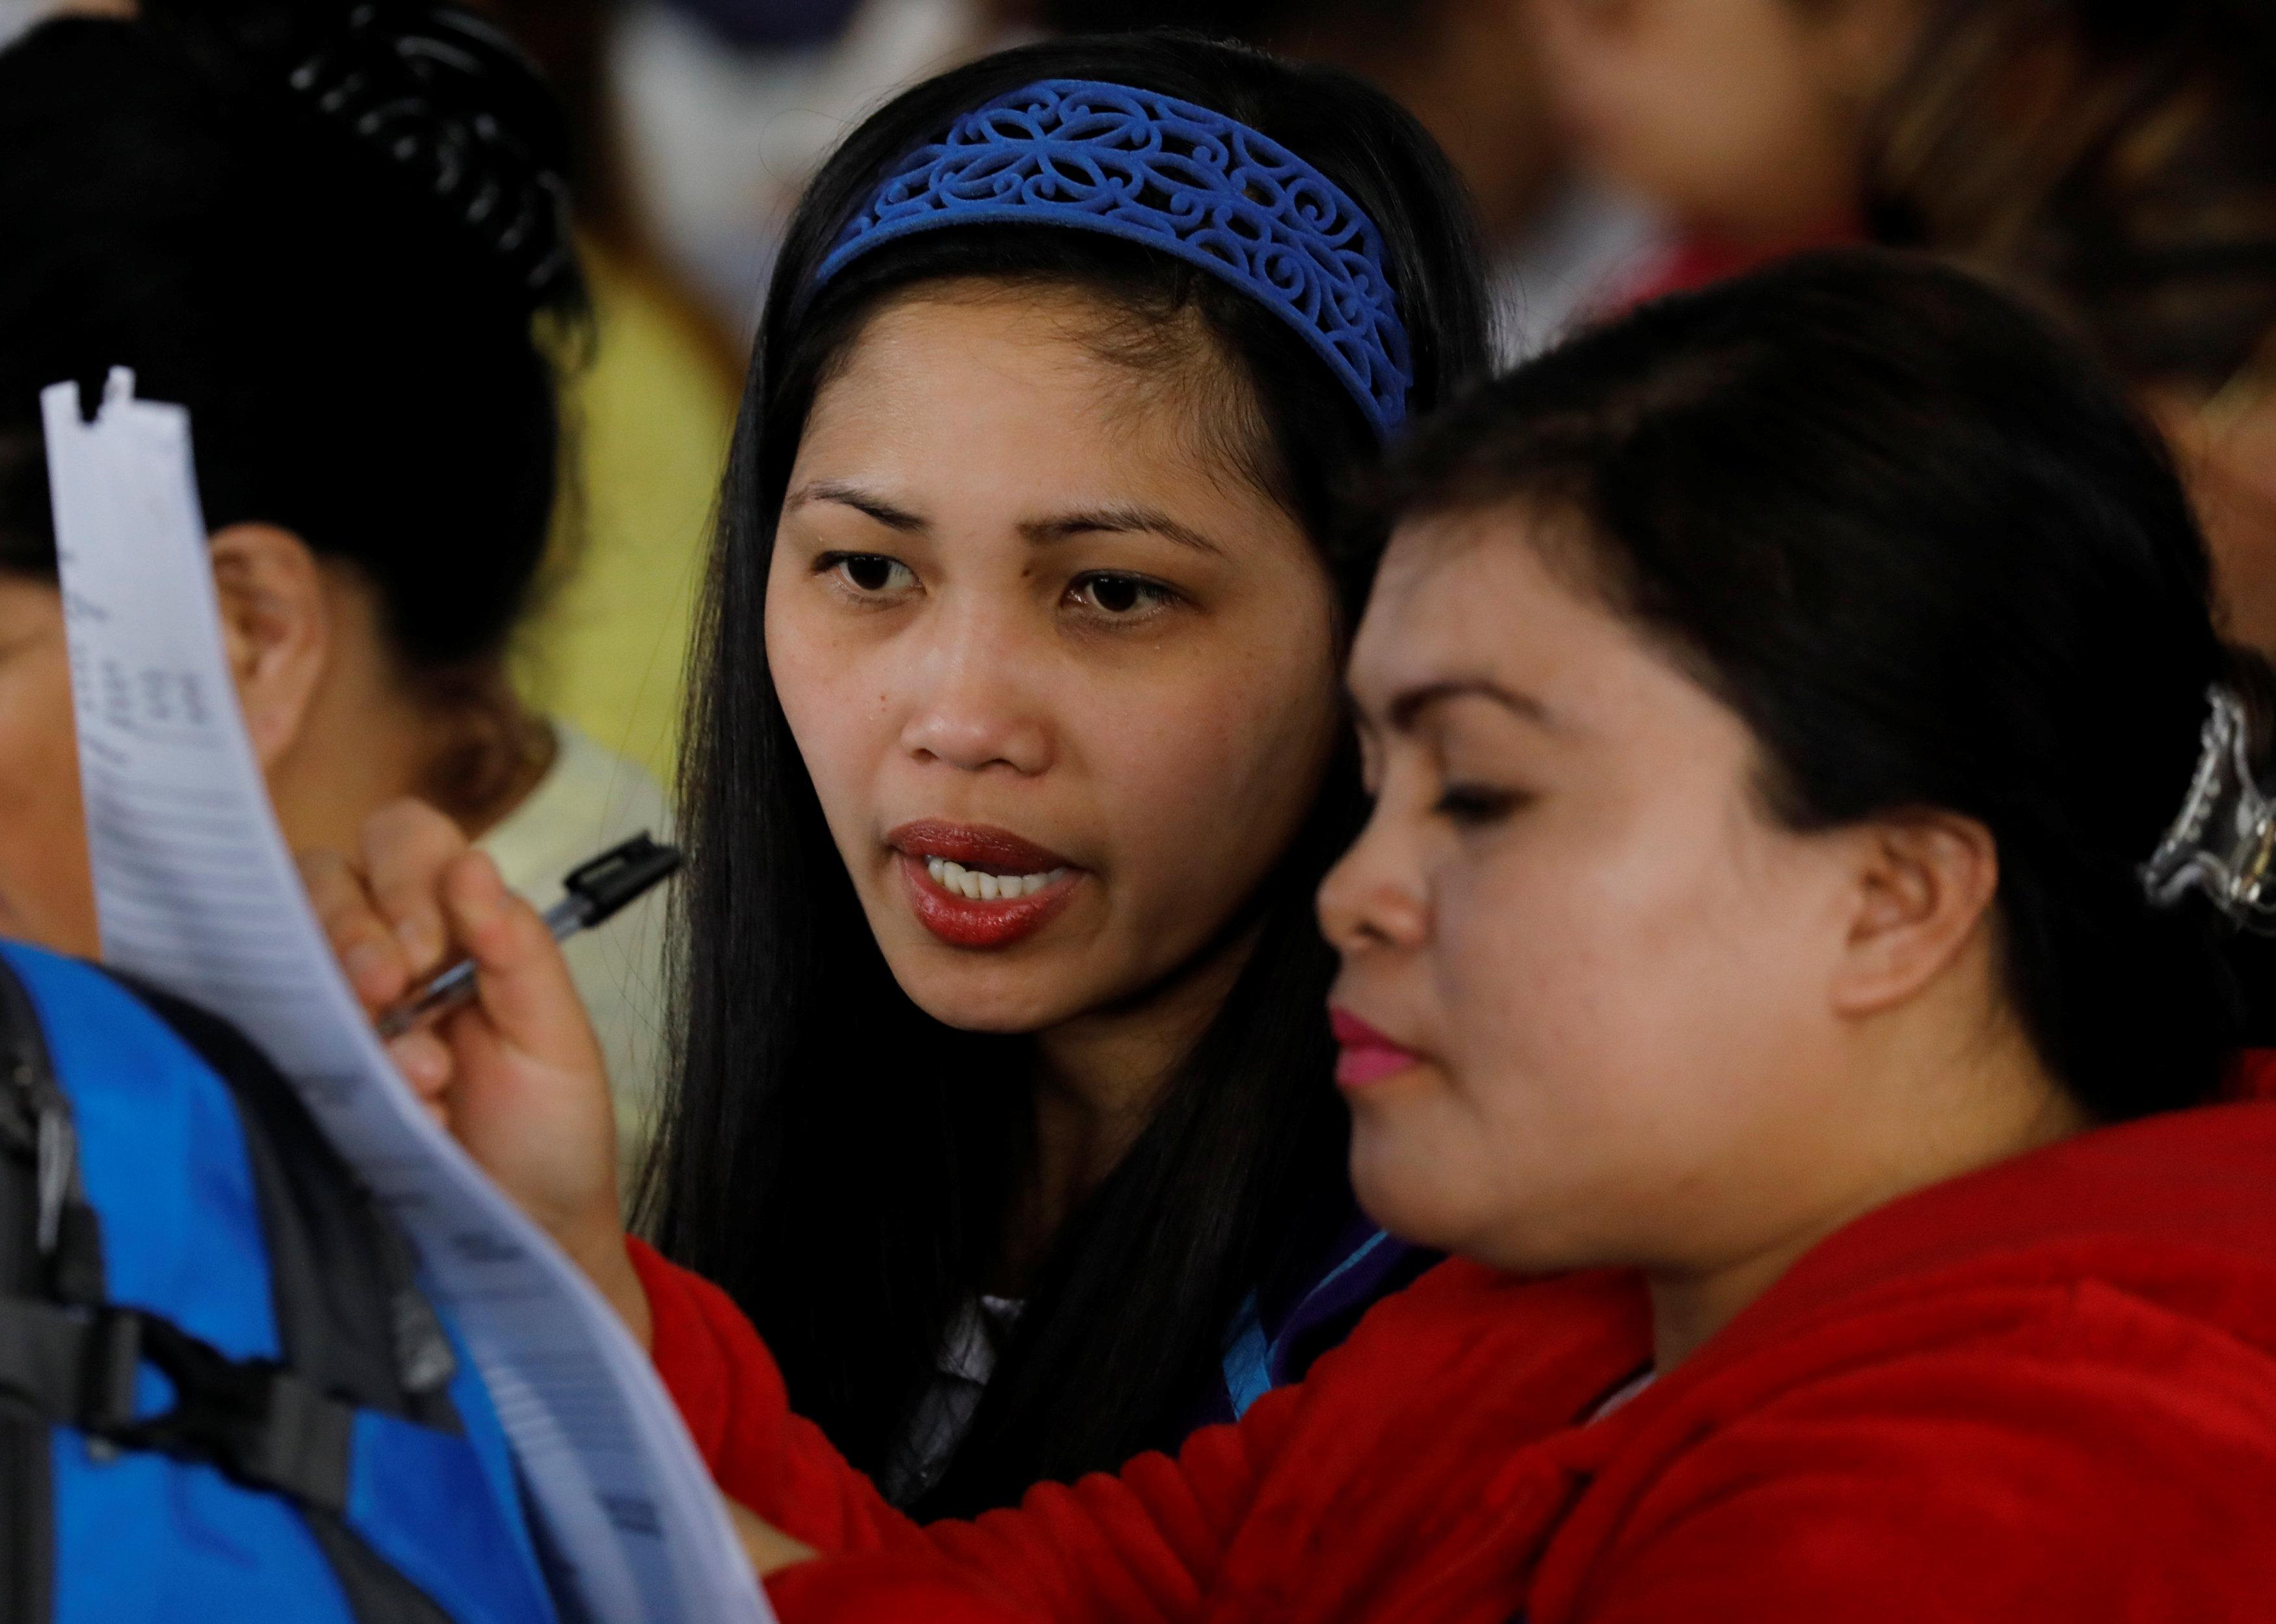 Hơn 2,200 người lao động Philippines tại Kuwait muốn hồi hương vì bị ngược đãi